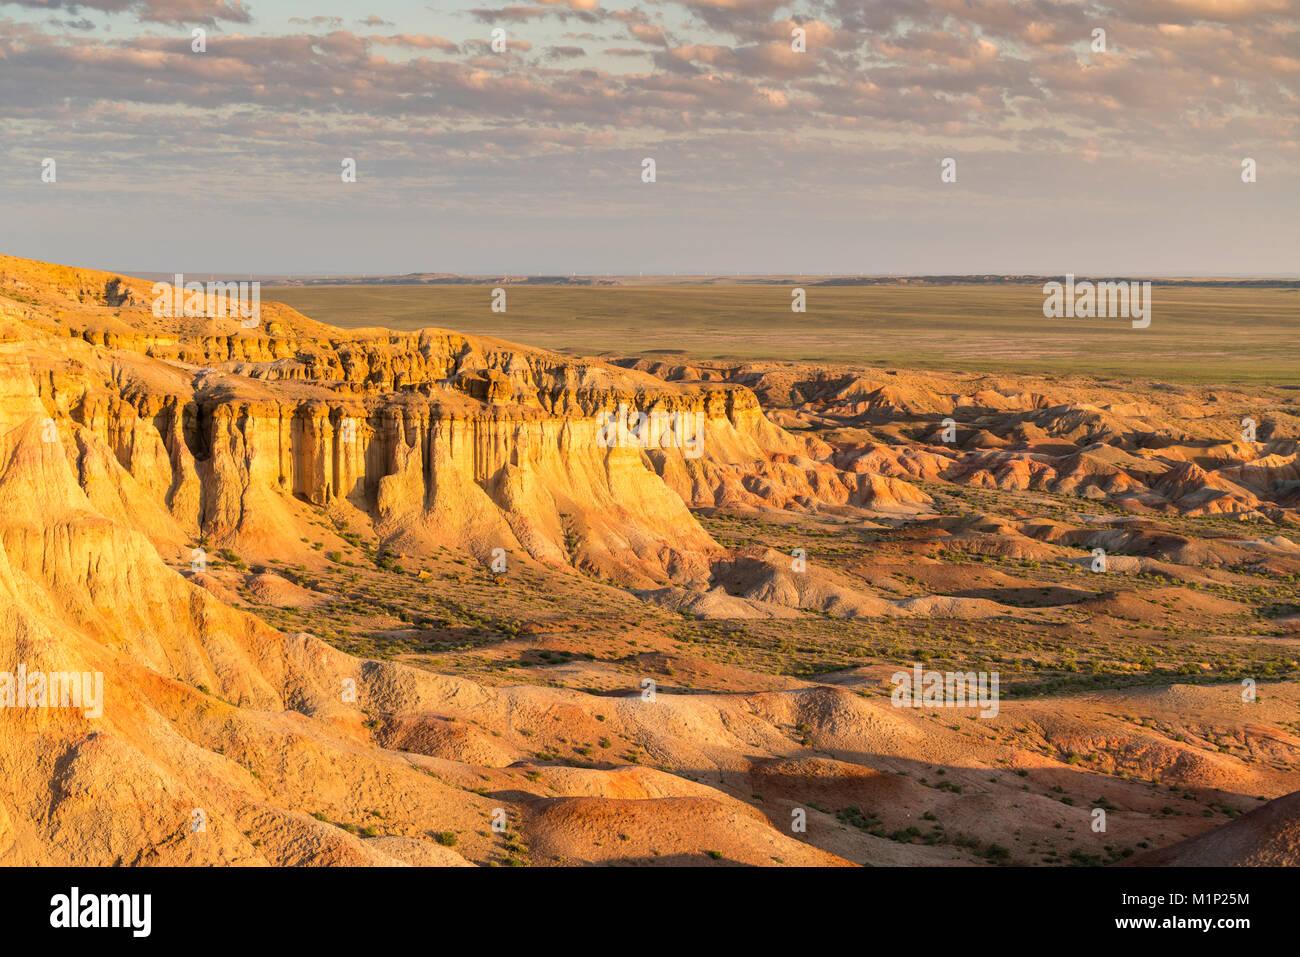 Weiße Stupa im Morgenlicht, Ulziit, Mitte der Provinz Gobi, Mongolei, Zentralasien, Asien Stockbild